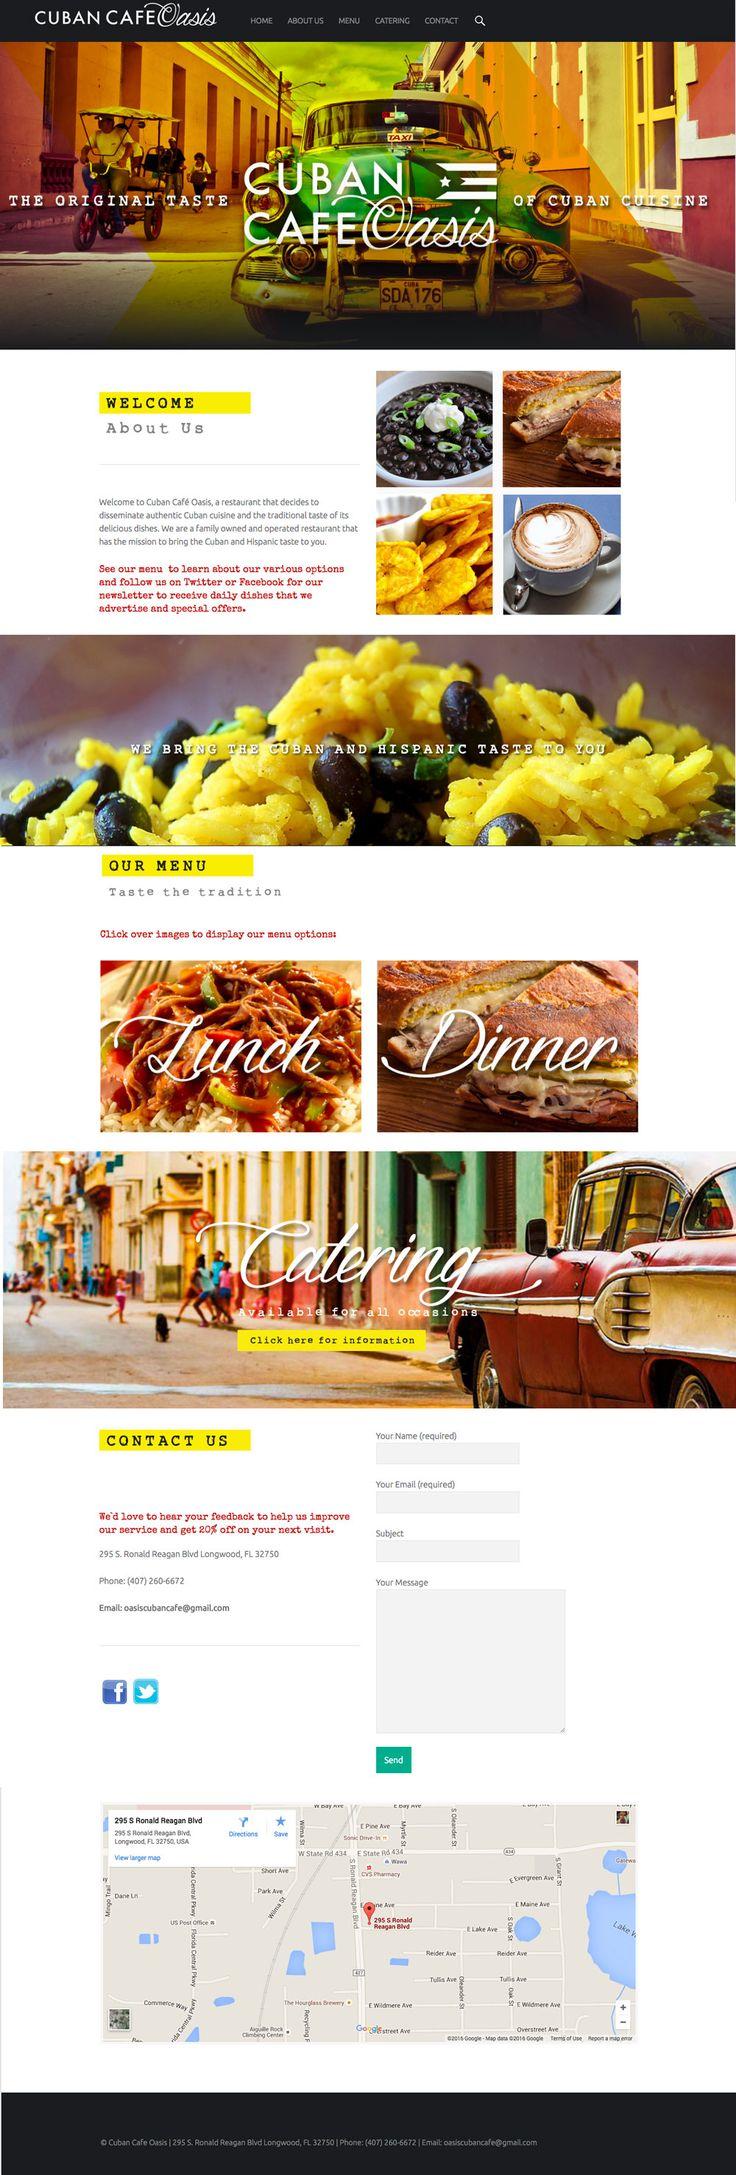 Sitio web para Cuban Cafe Oasis ©VIVA 2015